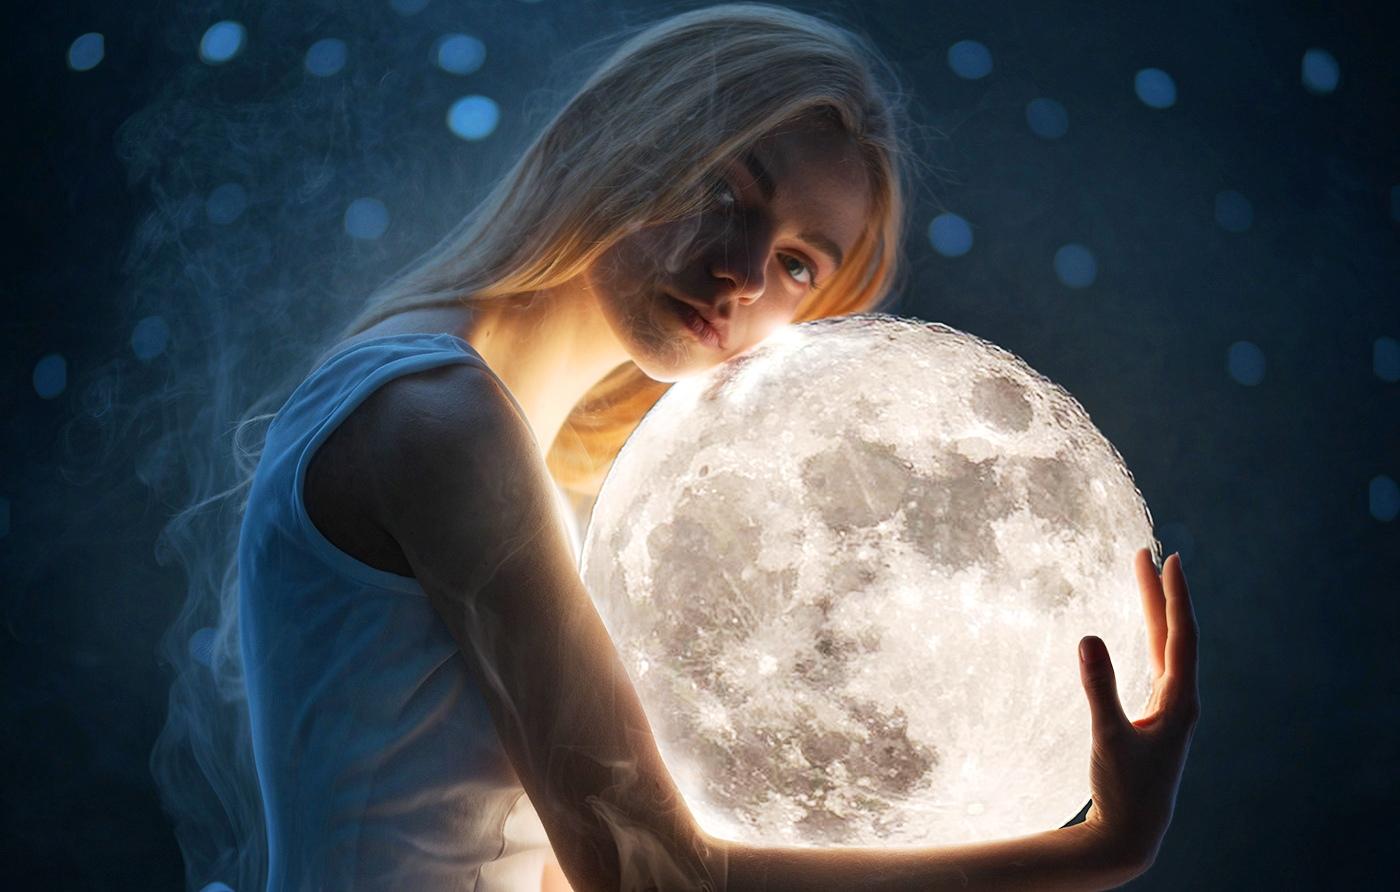 Лунный календарь на 5 декабря. Пришло время важных решений